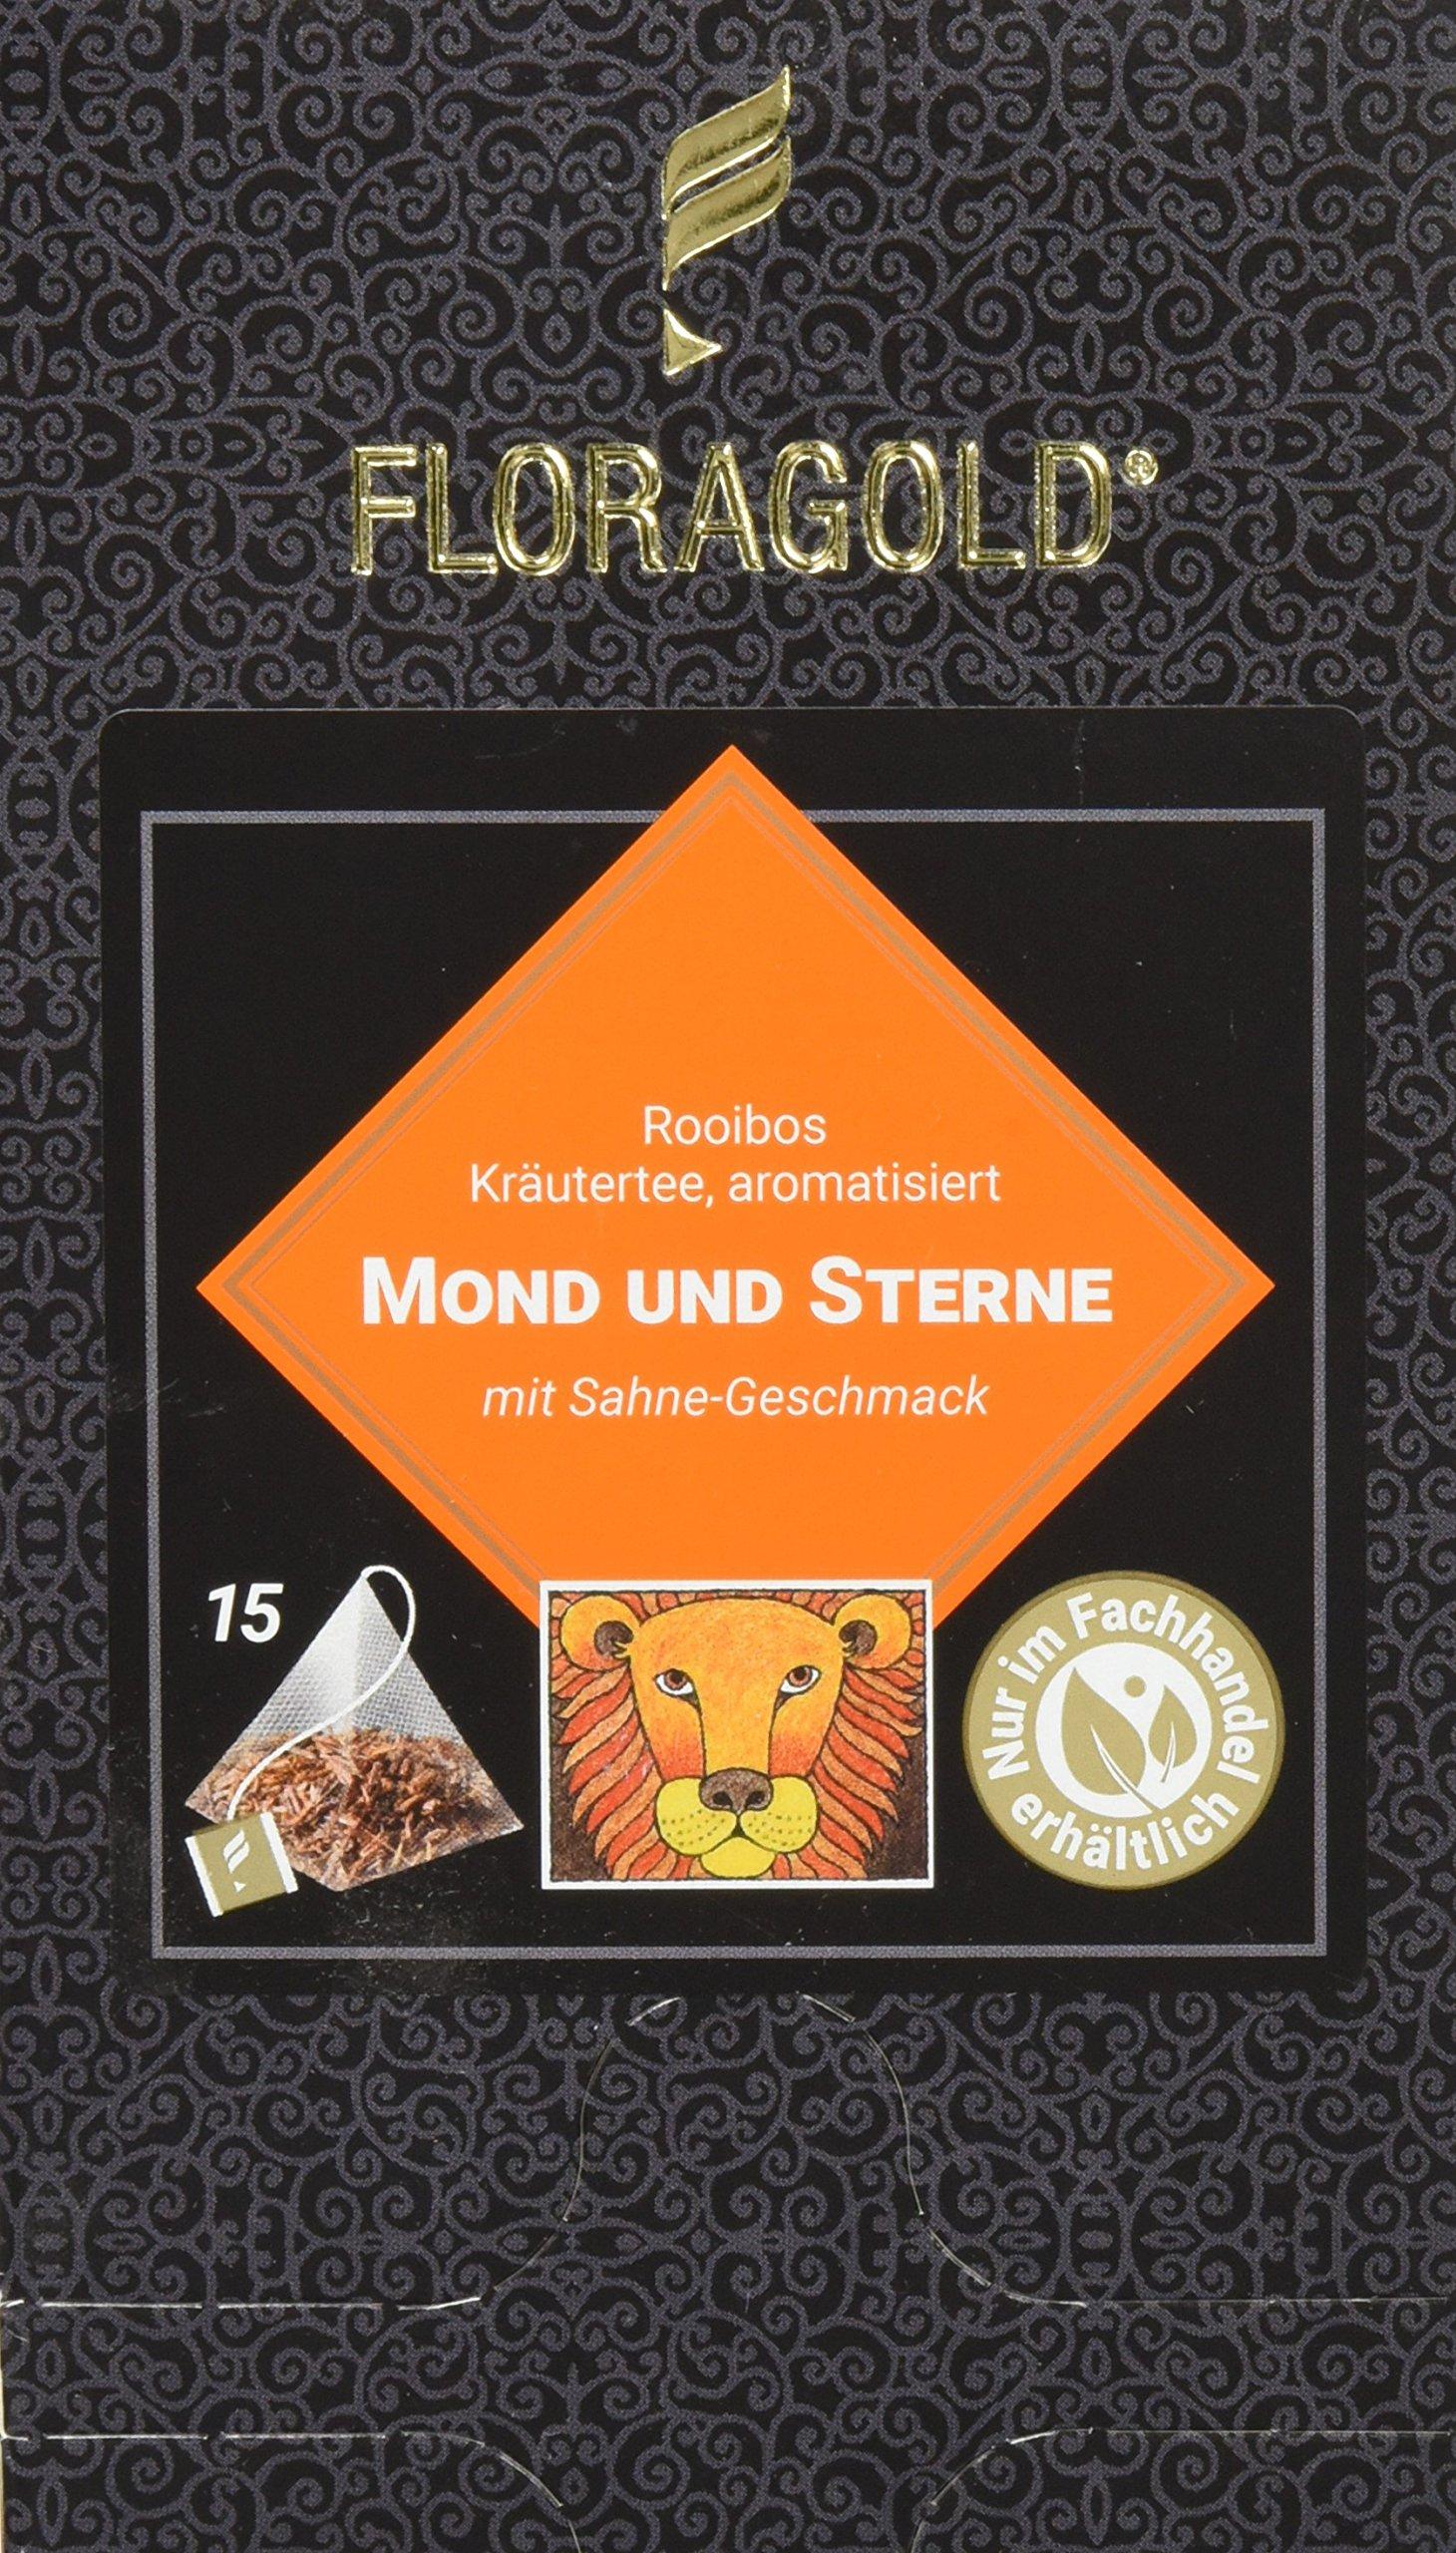 FLORAGOLD-Pyramidenbeutel-rotbuschtee-Mond-und-Sterne-1er-Pack-1-x-45-g